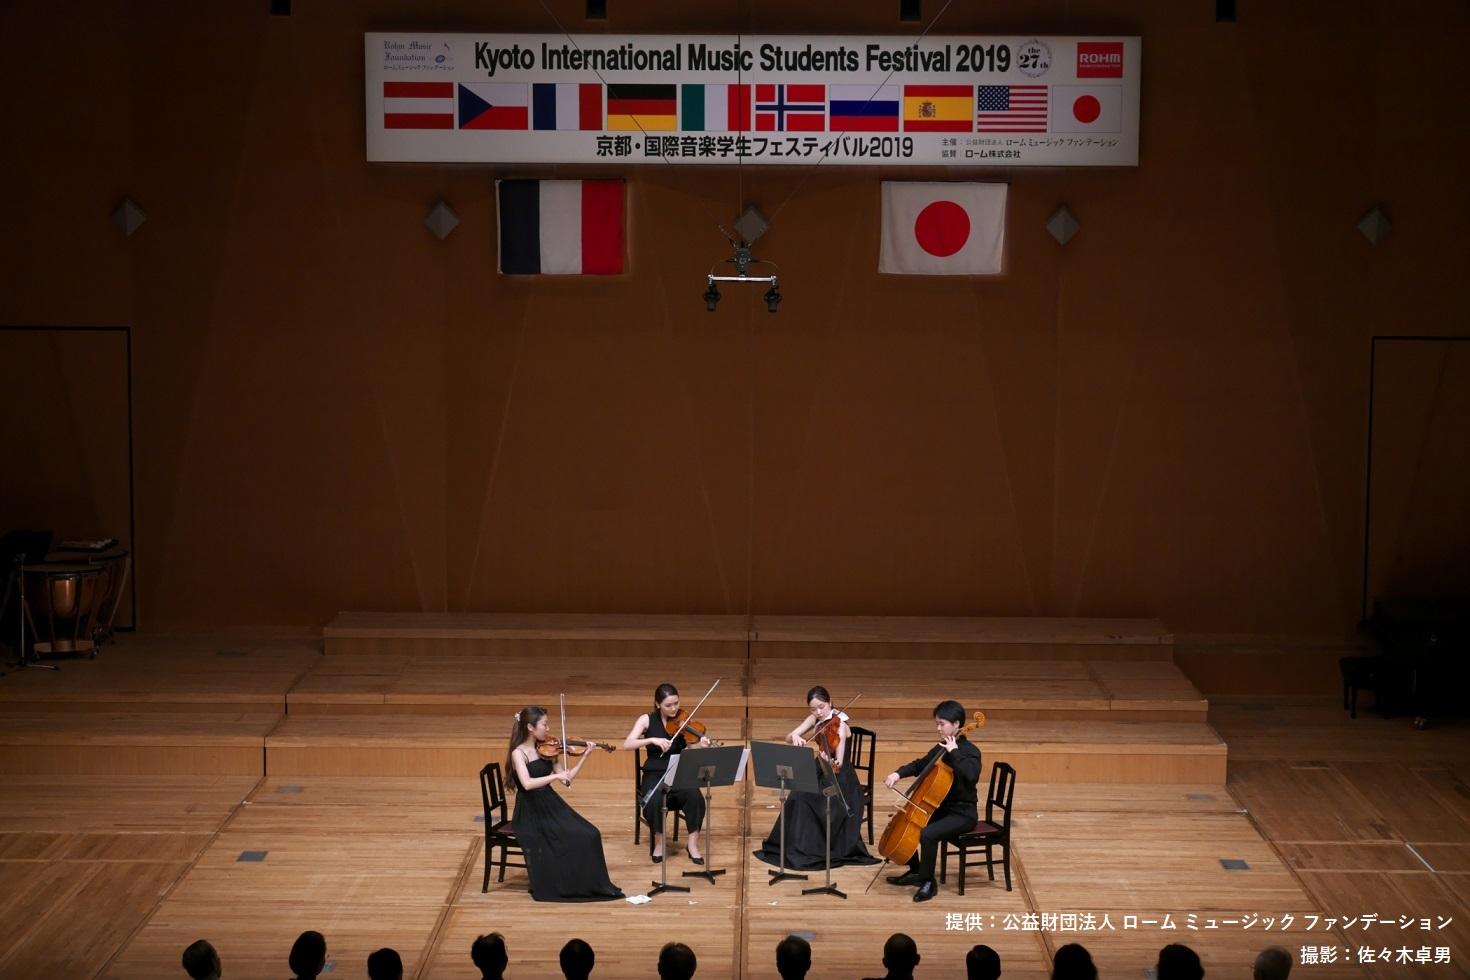 京都・国際音楽学生フェスティバル2019